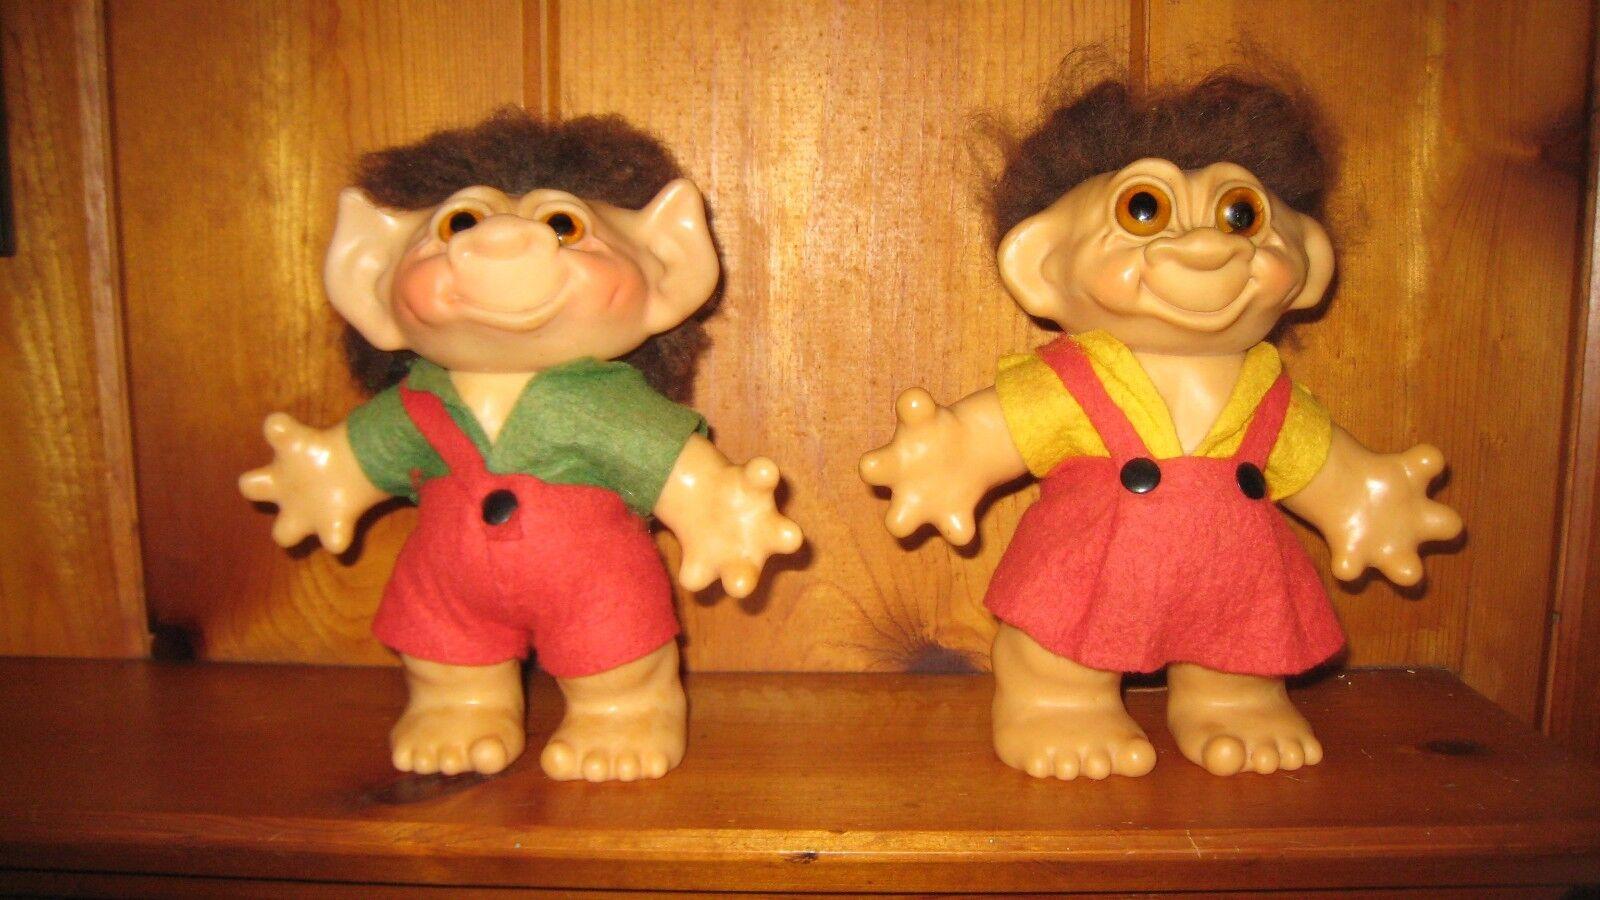 Muñecos Troll (2) tarde década de 1950 Thomas Dam niño y niña excepcionalmente bien Original